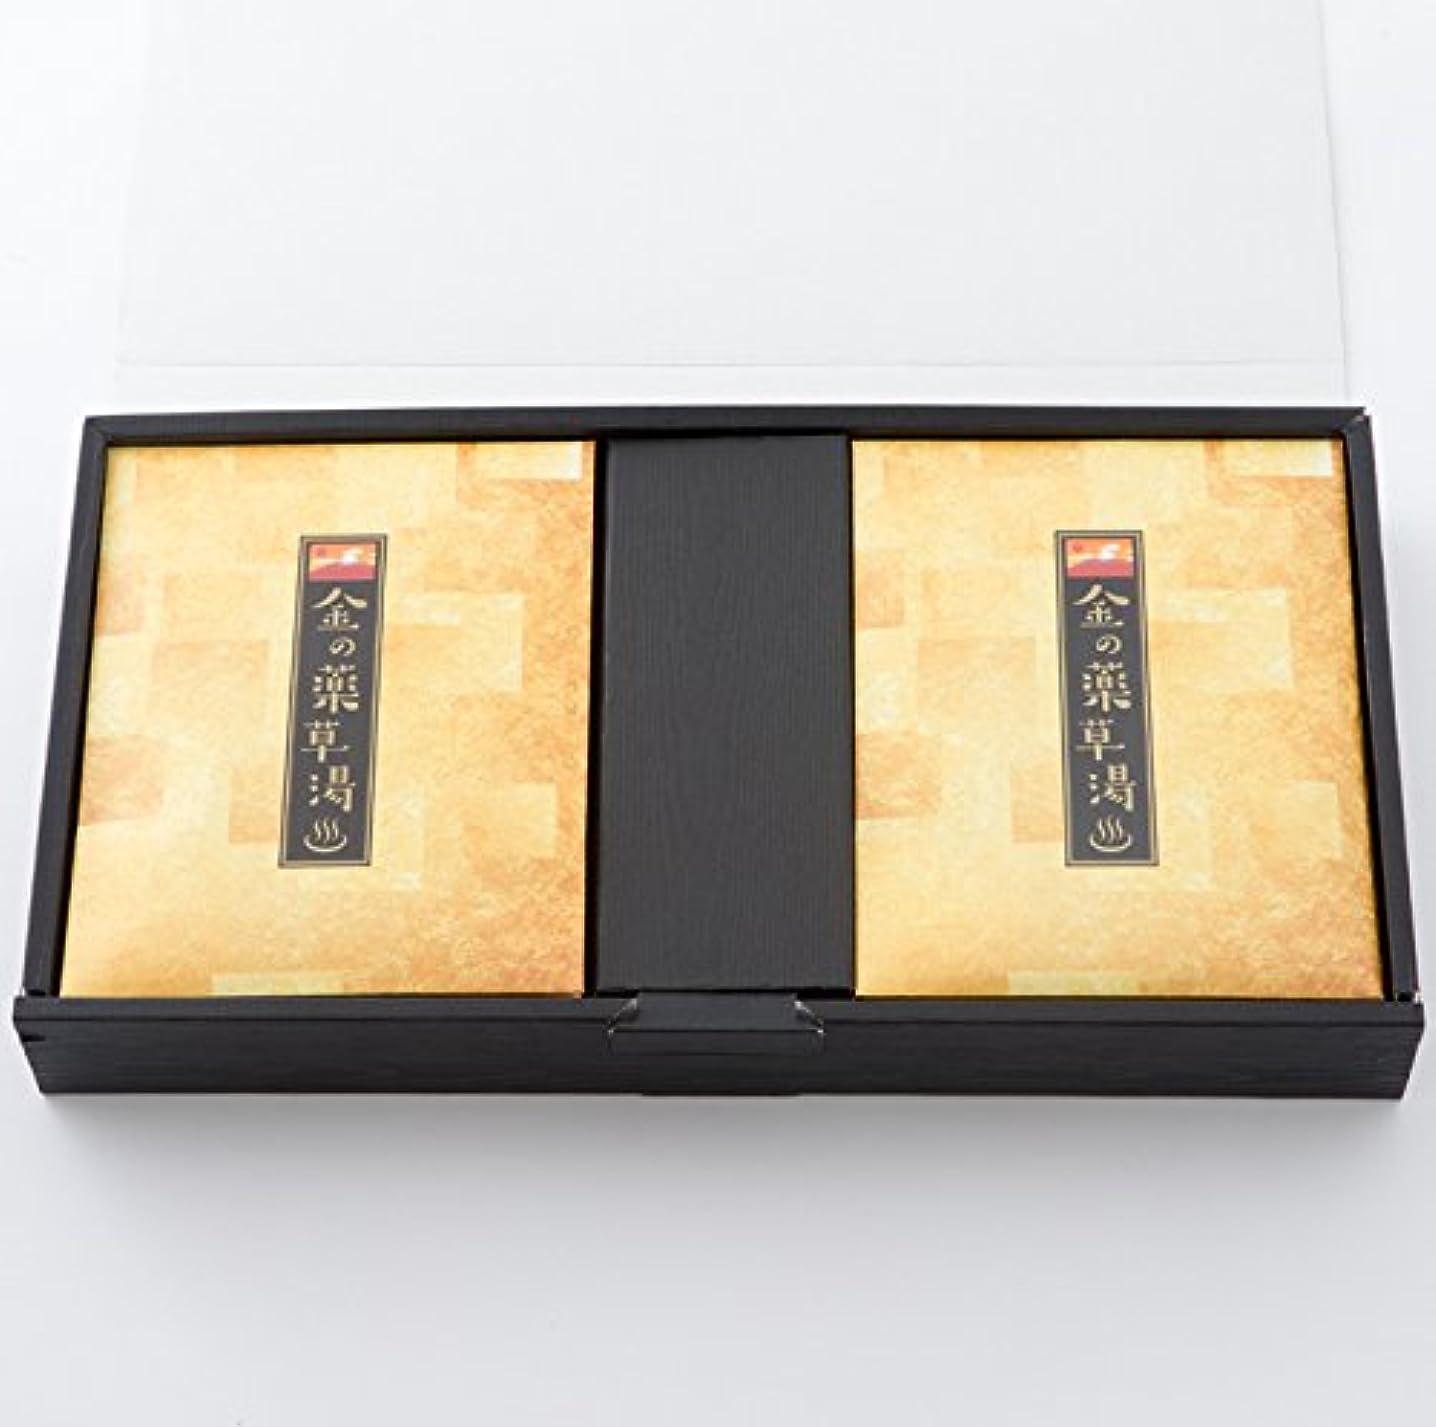 横たわる直接ラグ金の薬草湯ギフト(6包入)